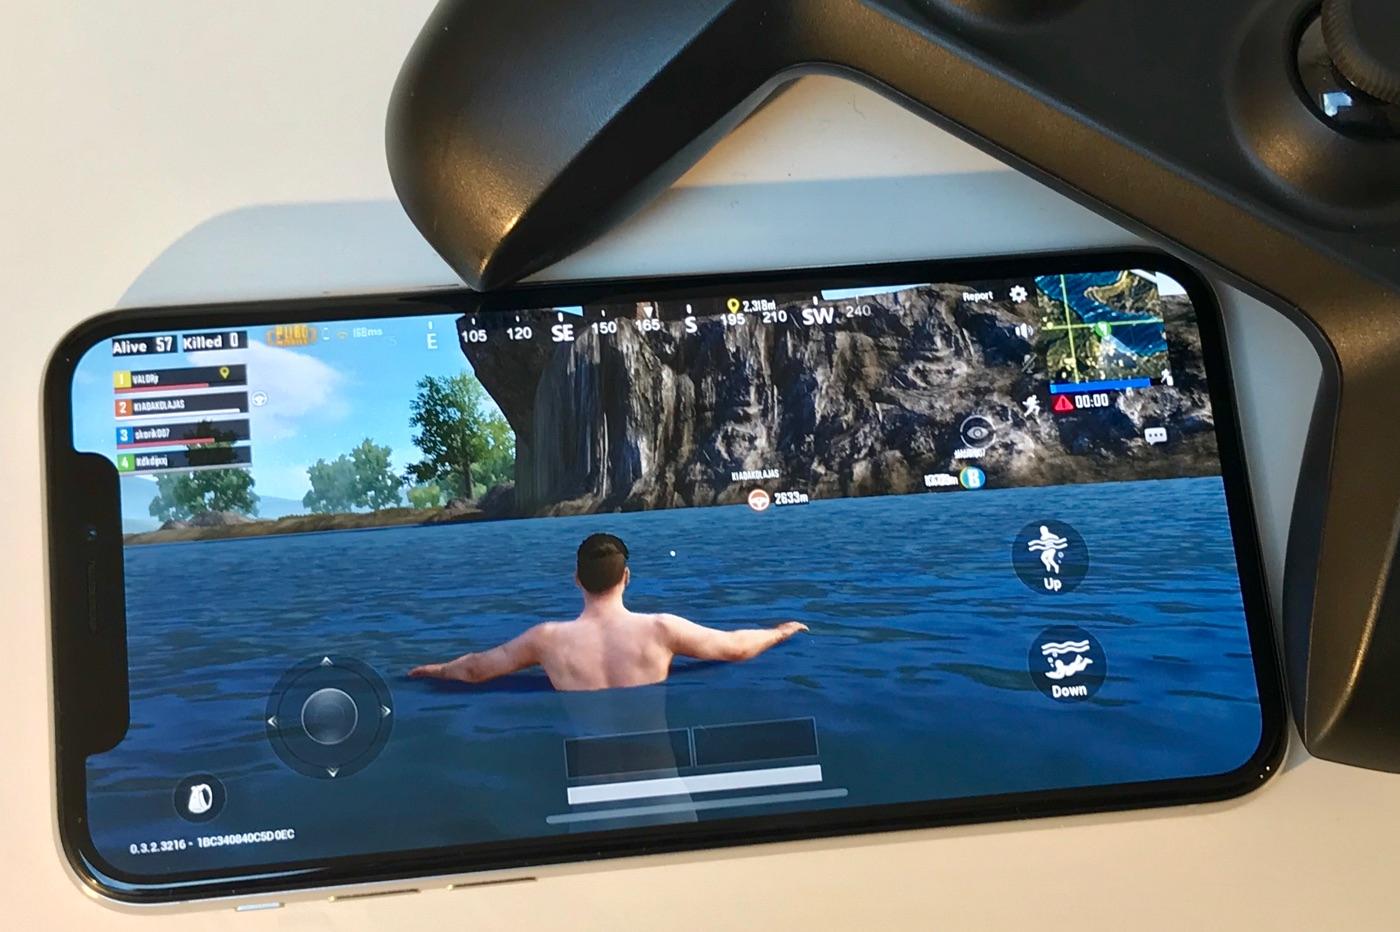 Les Meilleurs Jeux Iphone Et Ipad 2018 Par Iphon.fr intérieur Jeux Foot Tablette